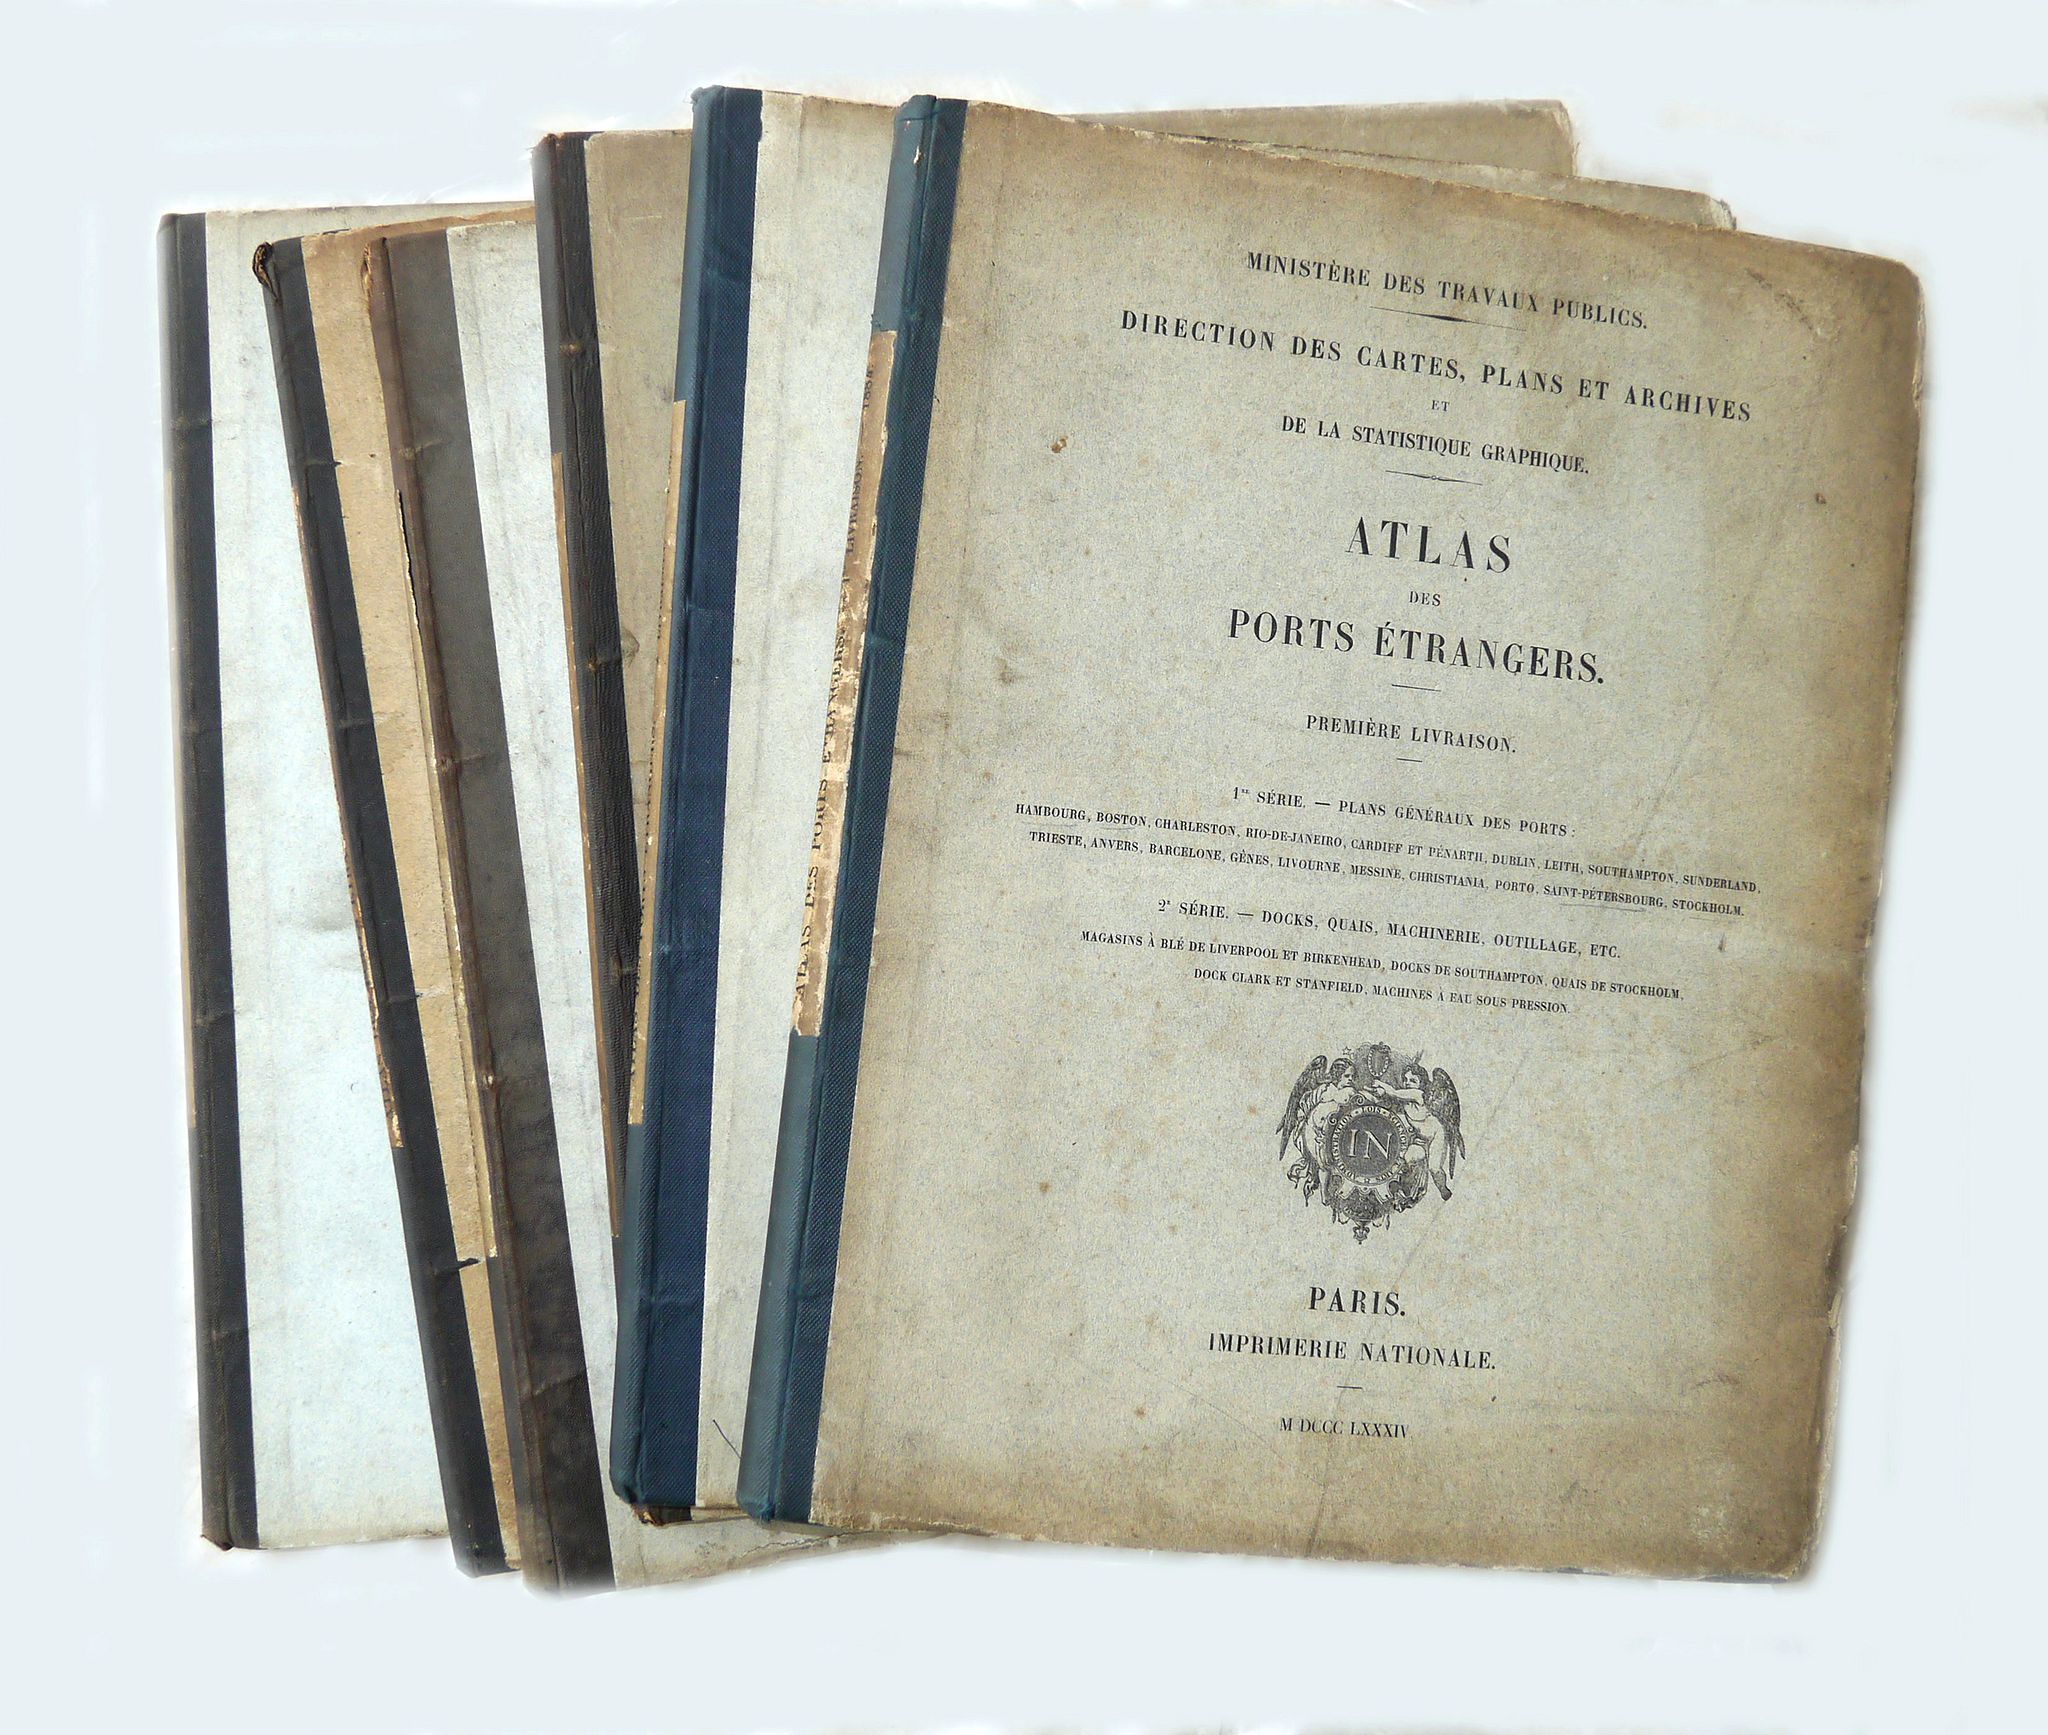 IMPRIMERIE NATIONALE - Atlas des ports étrangers. (Complete set of six volumes)